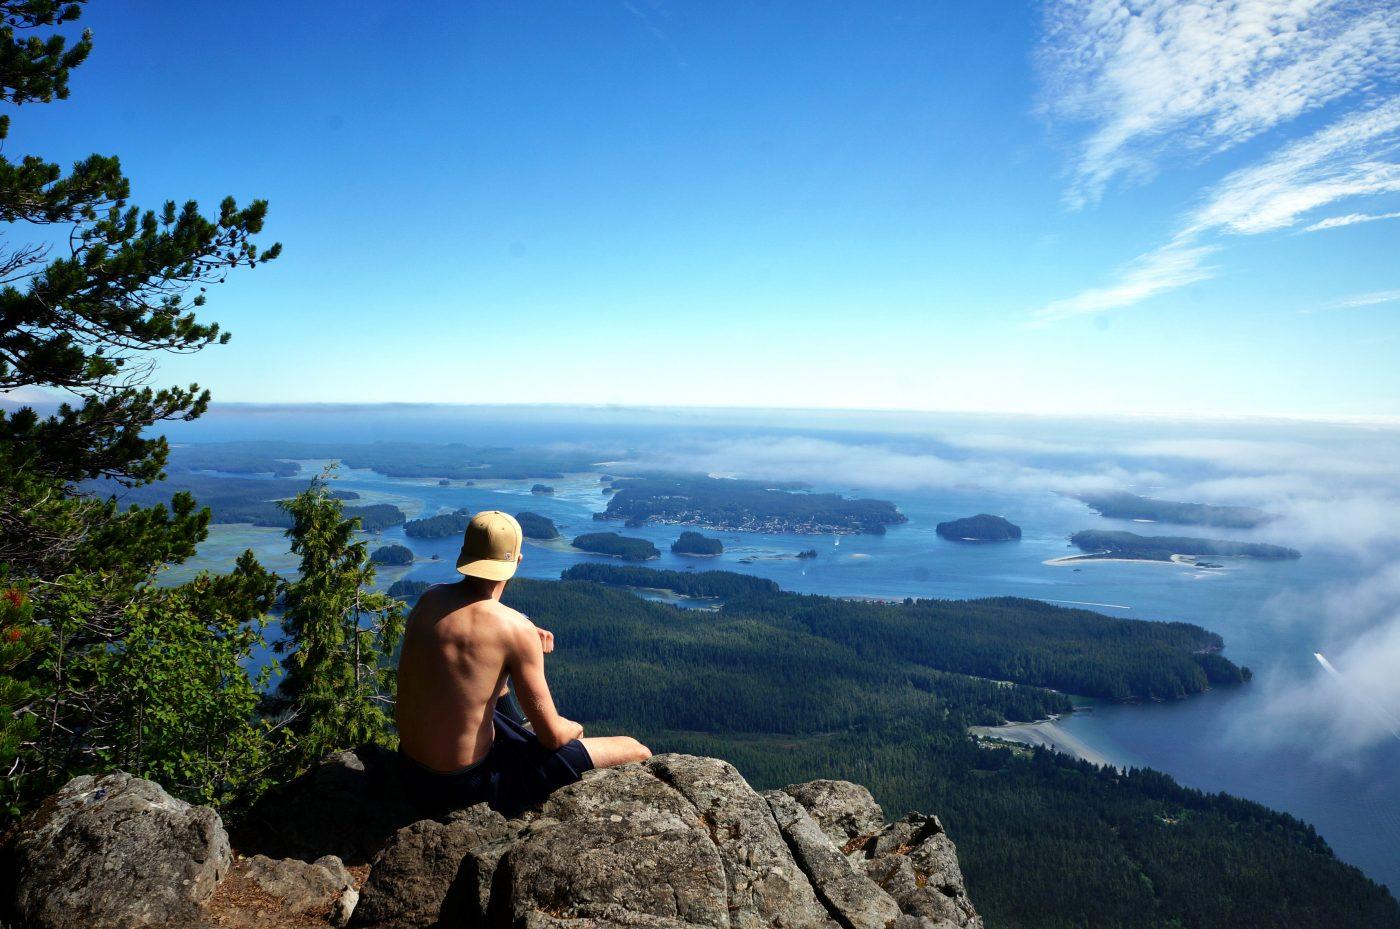 Romantic Getaway: Overlooking a cliff